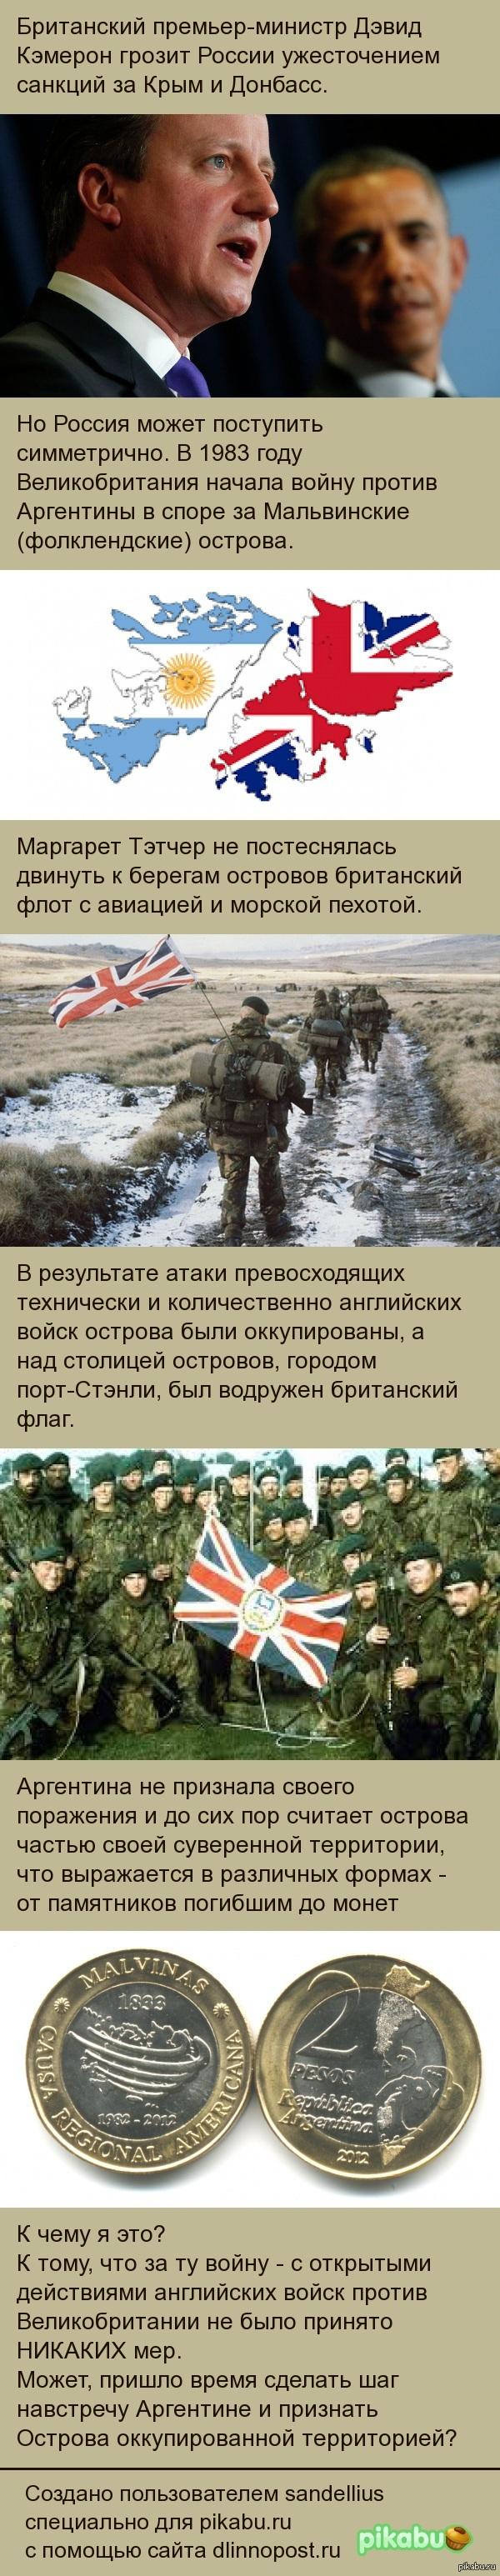 Как Англия оккупирует чужие острова и пеняет России на крым и Донбасс